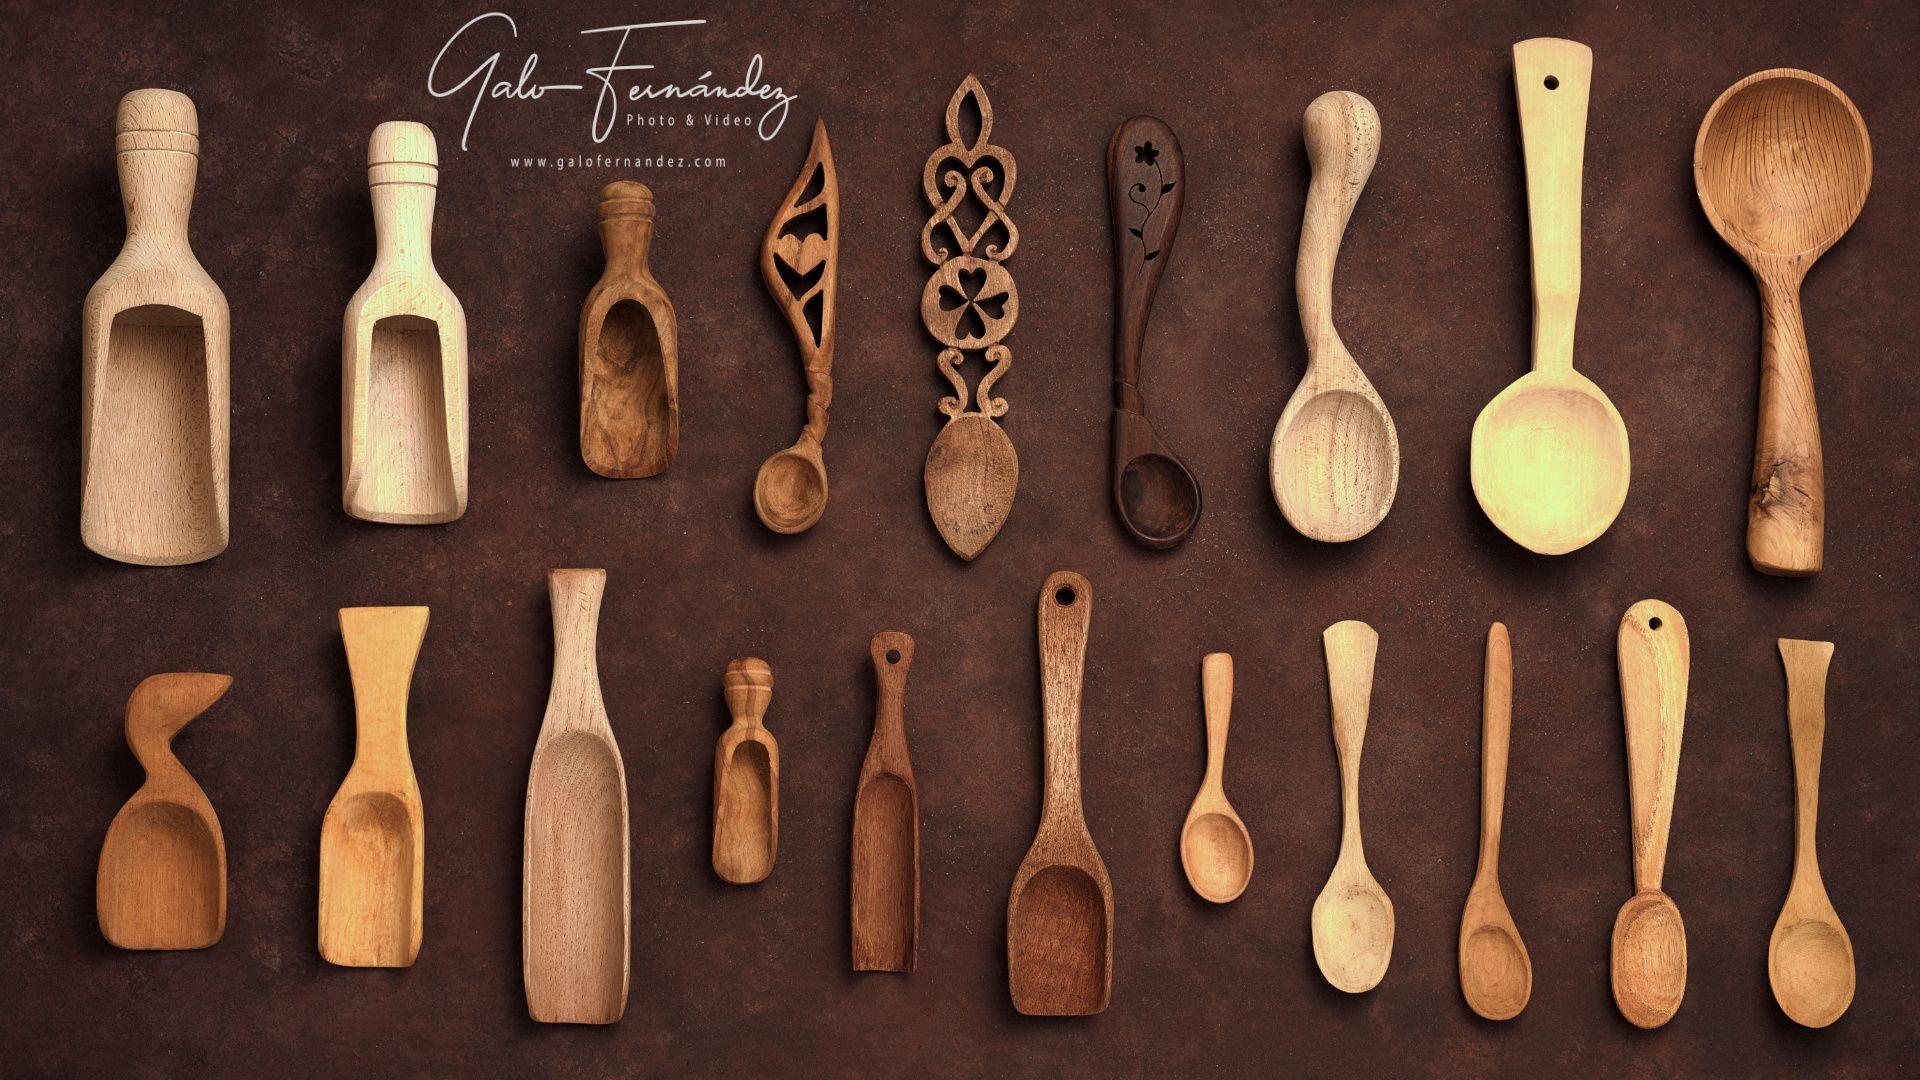 Cucharas y Cucharitas de Madera